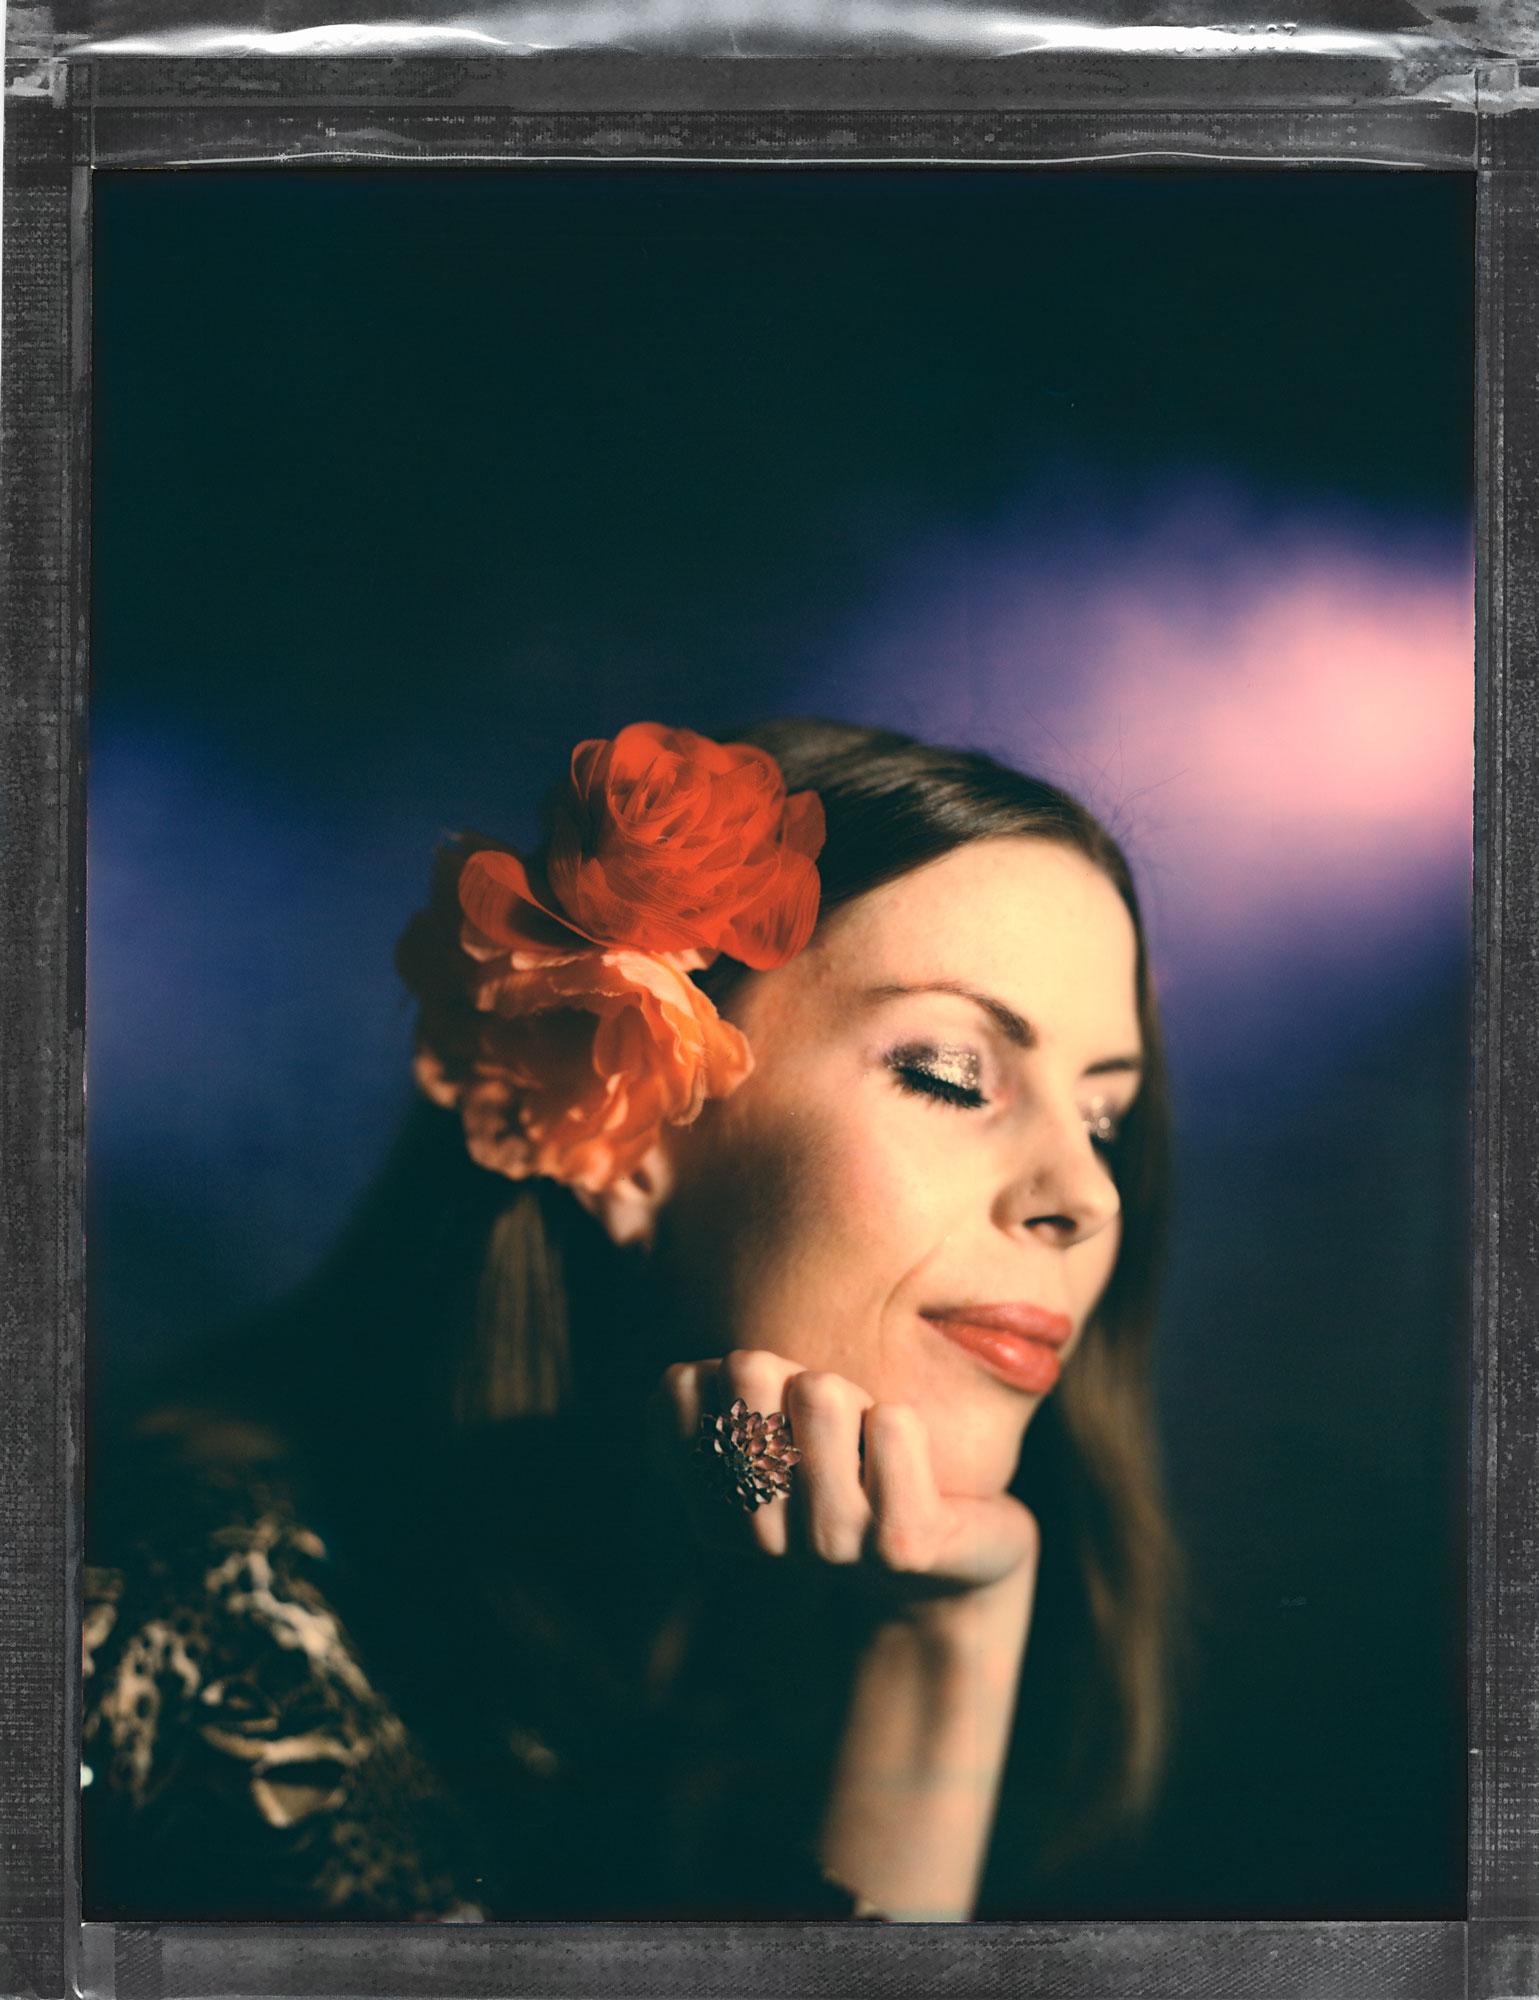 Headshot portrettfotografering av en vakker skuespiller med blomster i håret